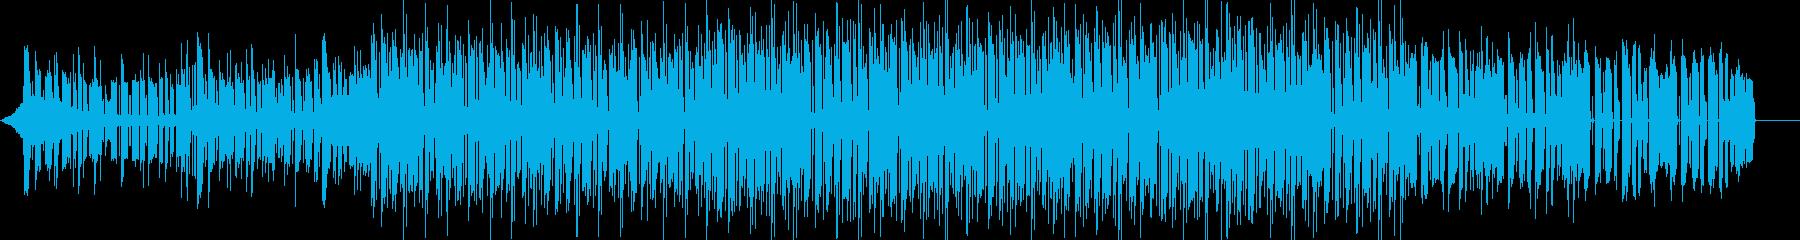 ノリノリなチップチューンEDM・8bitの再生済みの波形